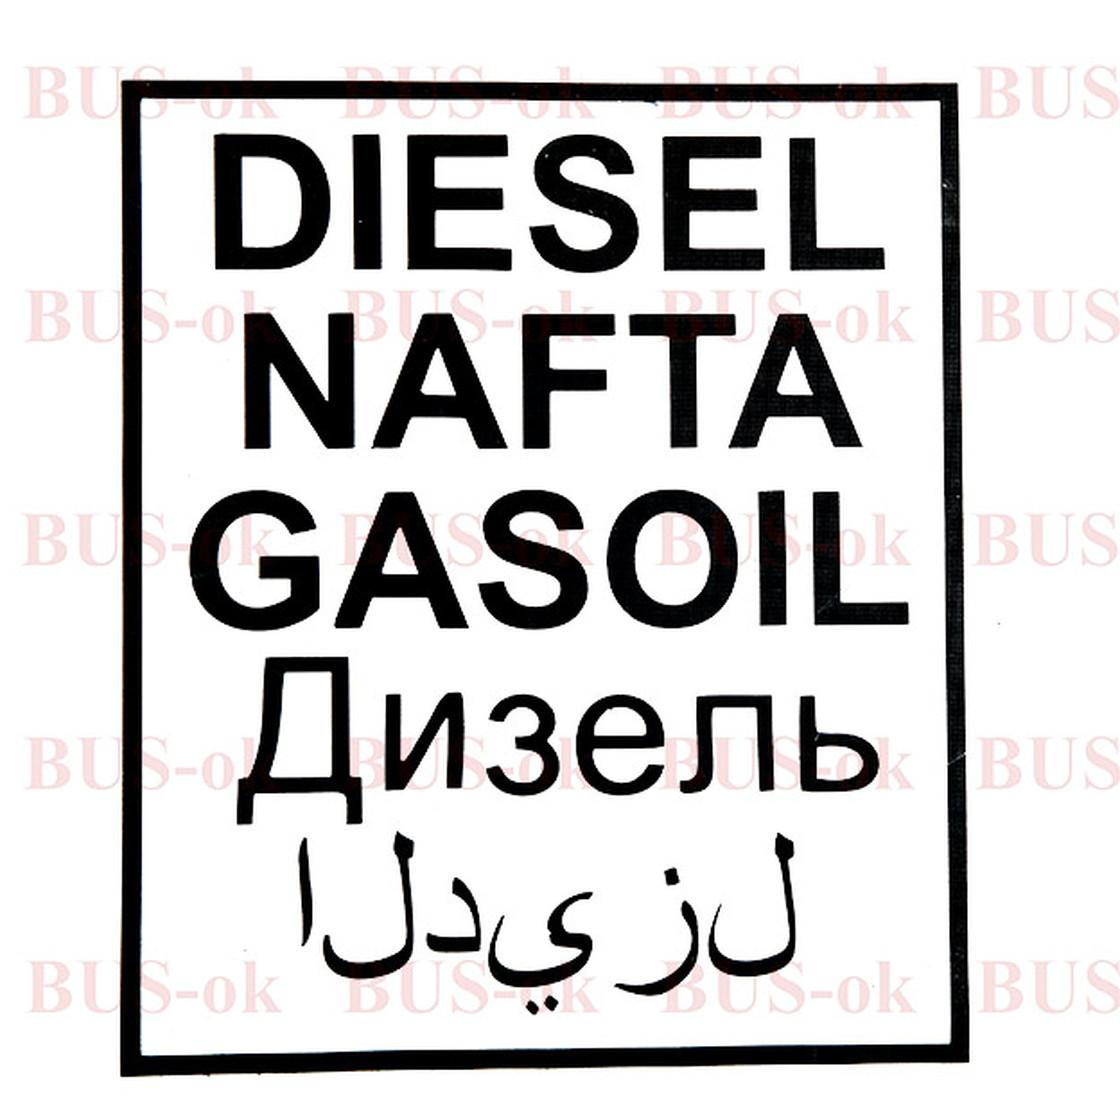 Sticker Diesel Gasoil Nafta Plus Russian And Arabic Black